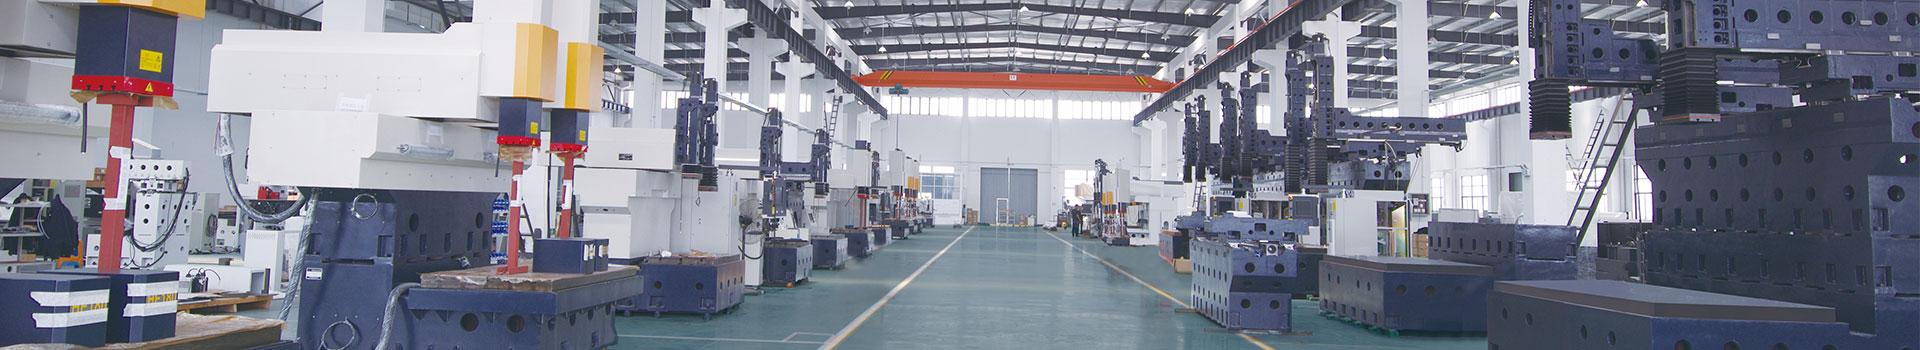 上海汉霸机电有限公司